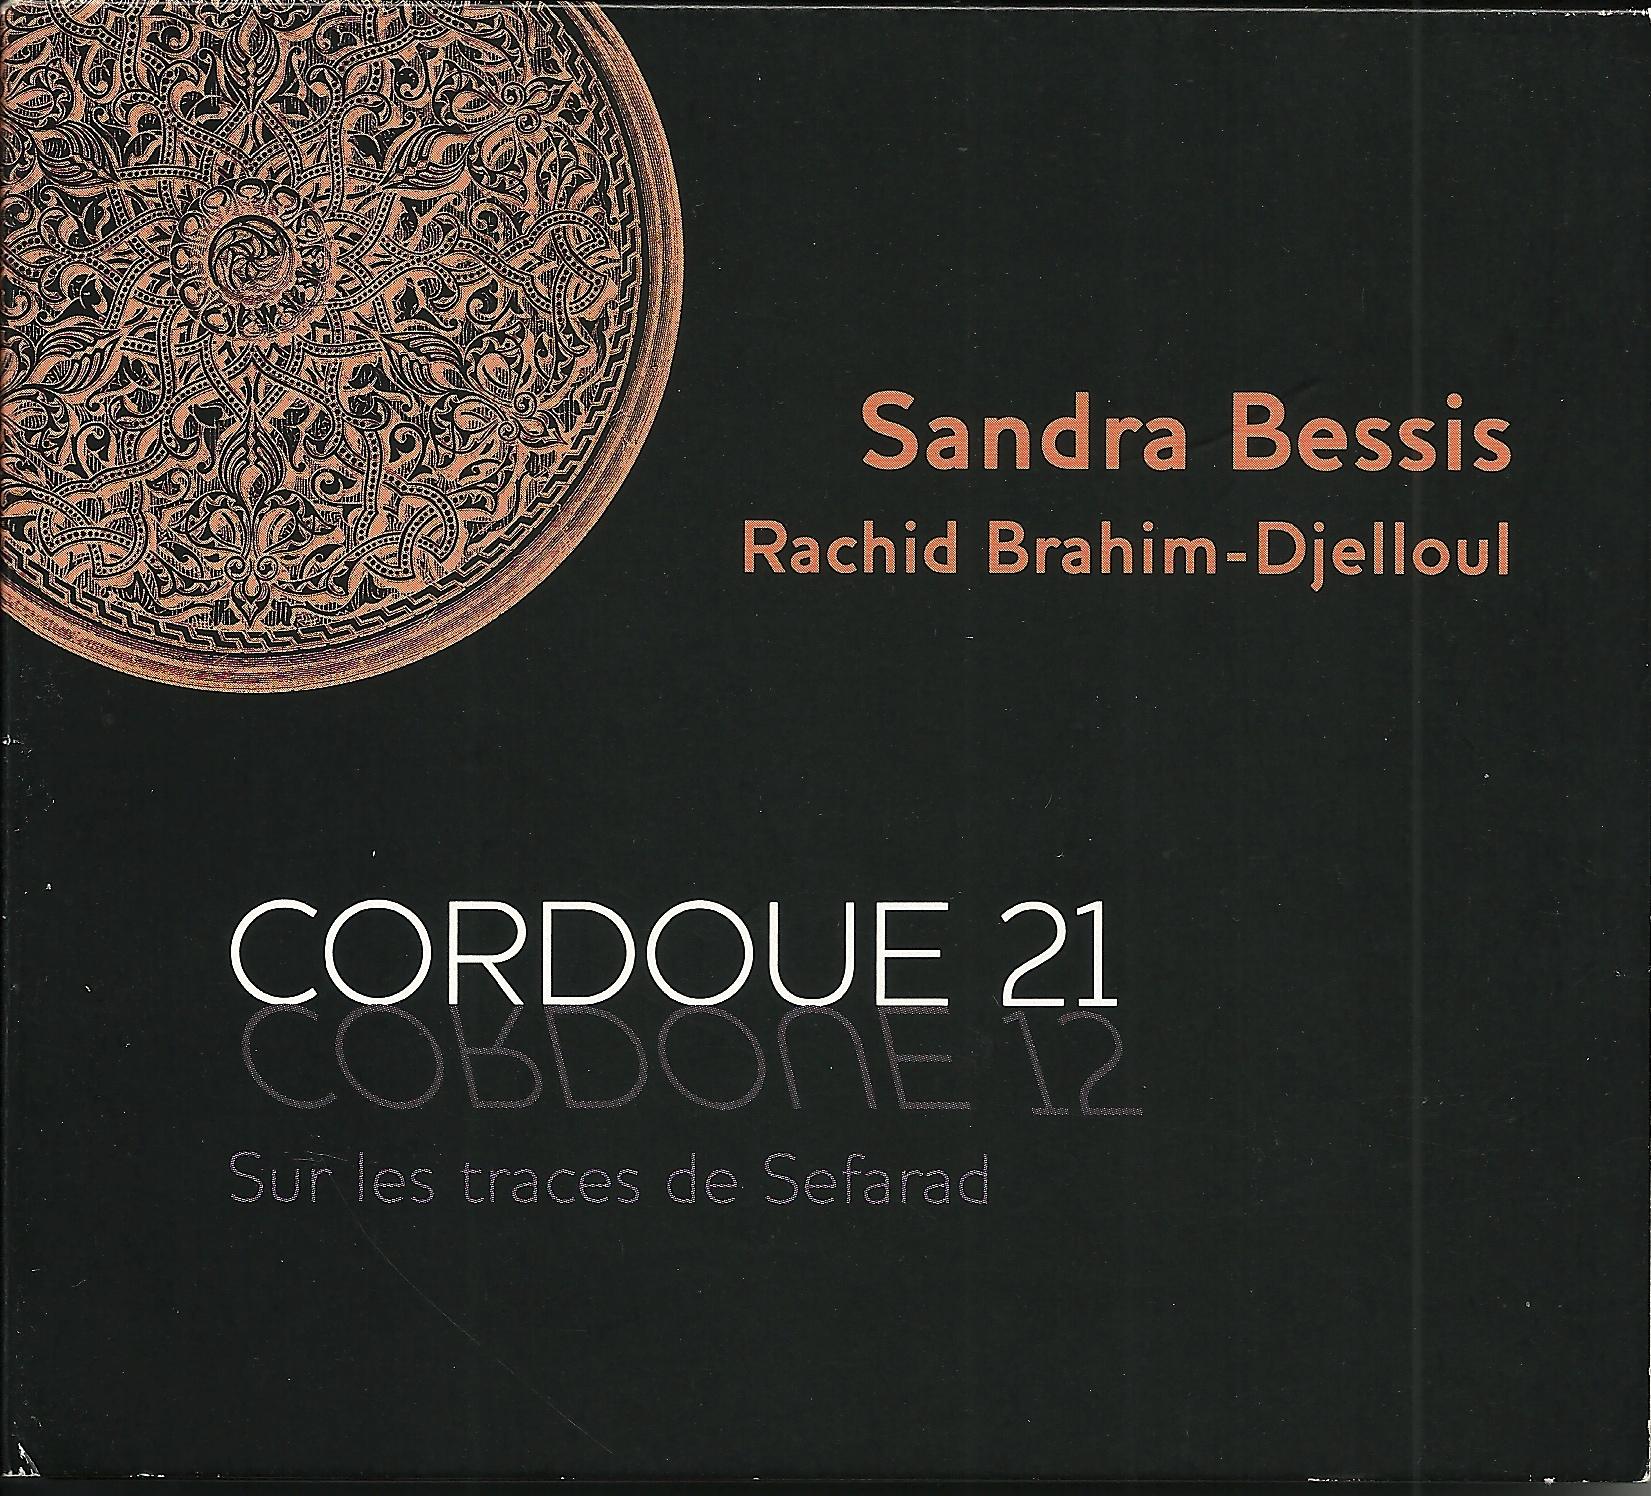 Cordoue 21_Cd